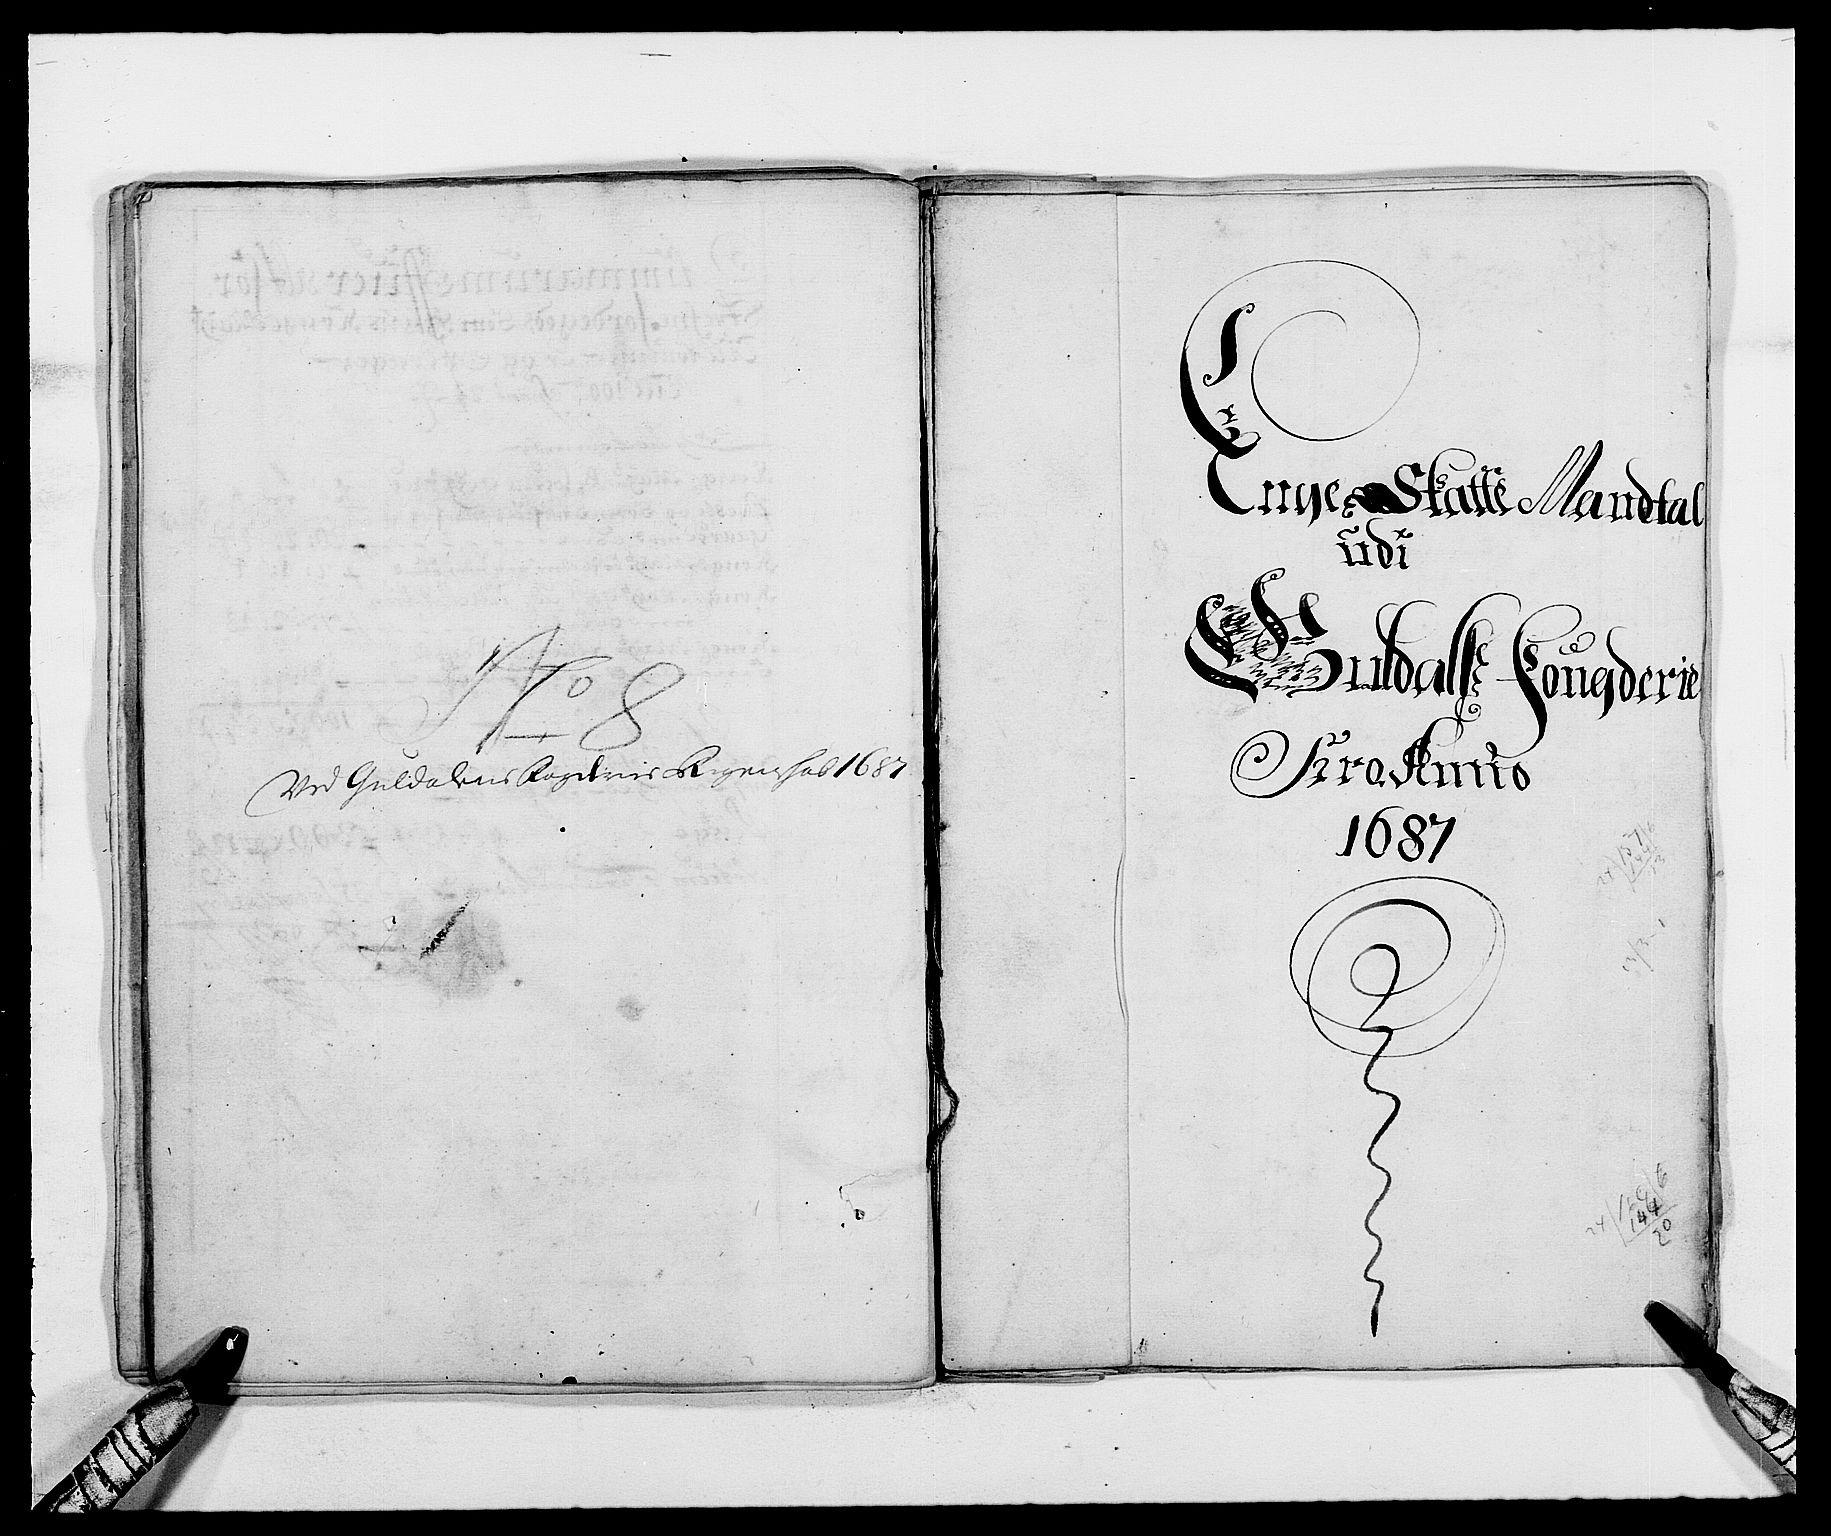 RA, Rentekammeret inntil 1814, Reviderte regnskaper, Fogderegnskap, R59/L3939: Fogderegnskap Gauldal, 1687-1688, s. 40